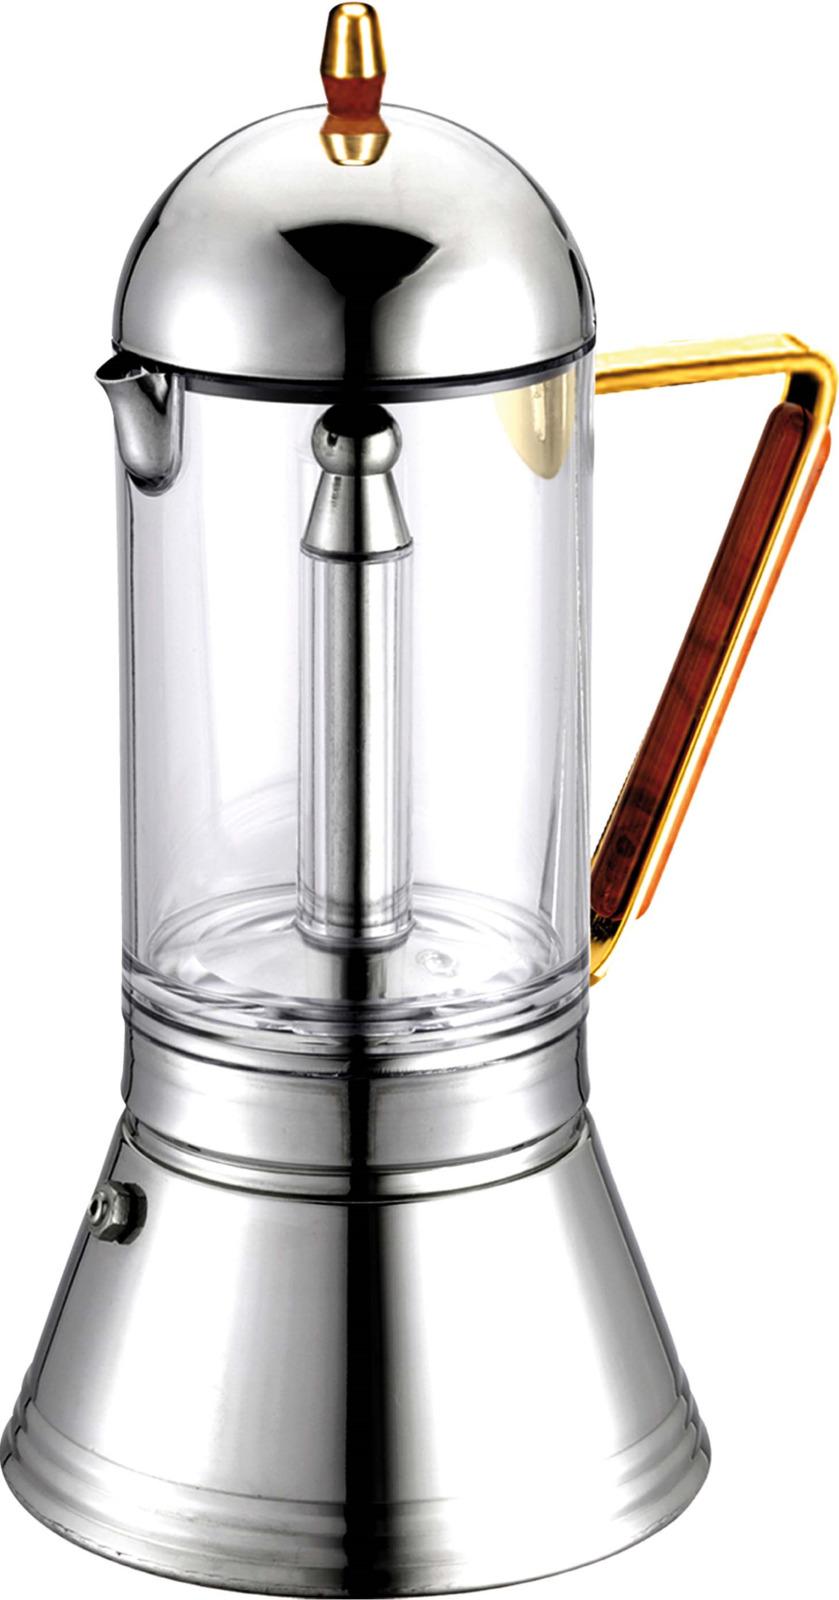 Кофеварка гейзерная G.A.T. 161404 CRYSTAL ORO на 4 чашки, нижняя емкость для приготовления кофе - нержавеющая сталь, верхняя емкость –стекло. Гейзерная кофеварка - это отличная возможность побаловать себя чашечкой великолепного ароматного кофе. За считанные минуты прибор приготовит ваш любимый напиток и моментально наполнит кухню изумительным ароматом. Прочная основа придает кофеварке легкость и надежность, а стильный дизайн добавит кухонному интерьеру элегантности и особого шарма. Основные отличительные особенности кофеварок Cristal: удобный носик для наливания кофе, специальное внутреннее покрытие, обеспечивающее легкую очистку и обслуживание, ручка с деревянной накладкой, стеклянная колба для готового кофе.